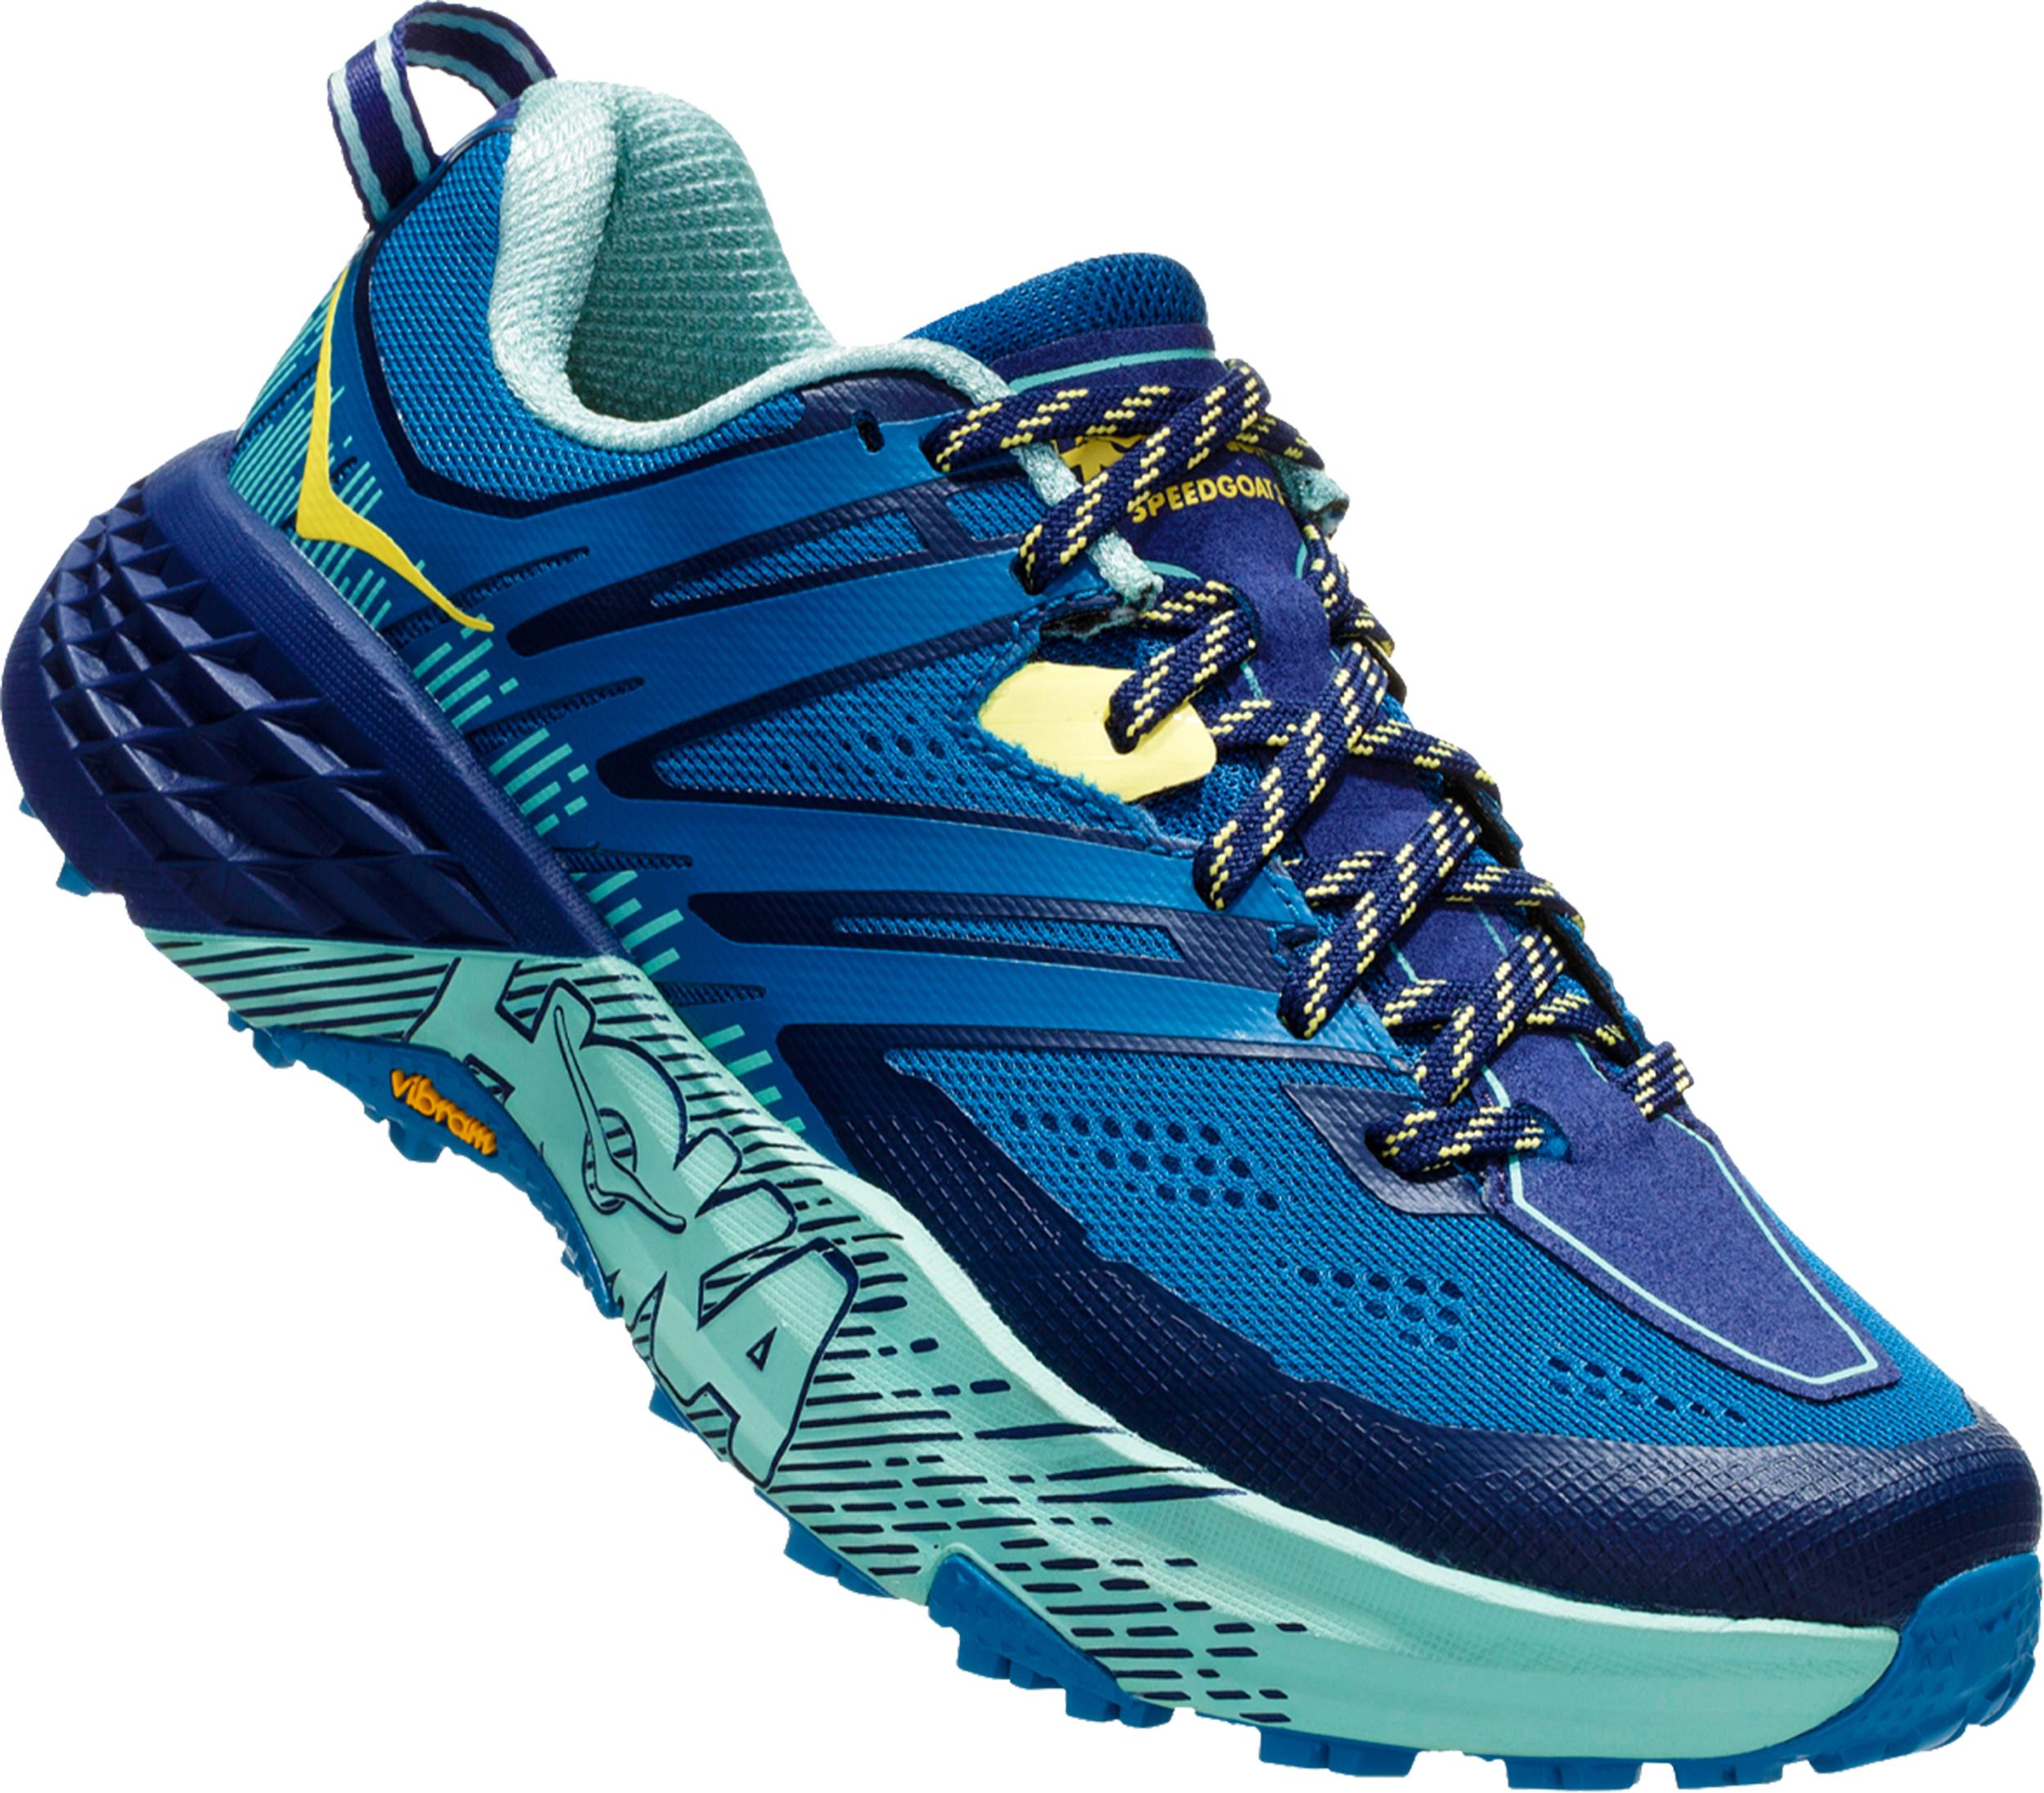 Souliers de course Nike, Salomon, Asics et + | SPORTIUM